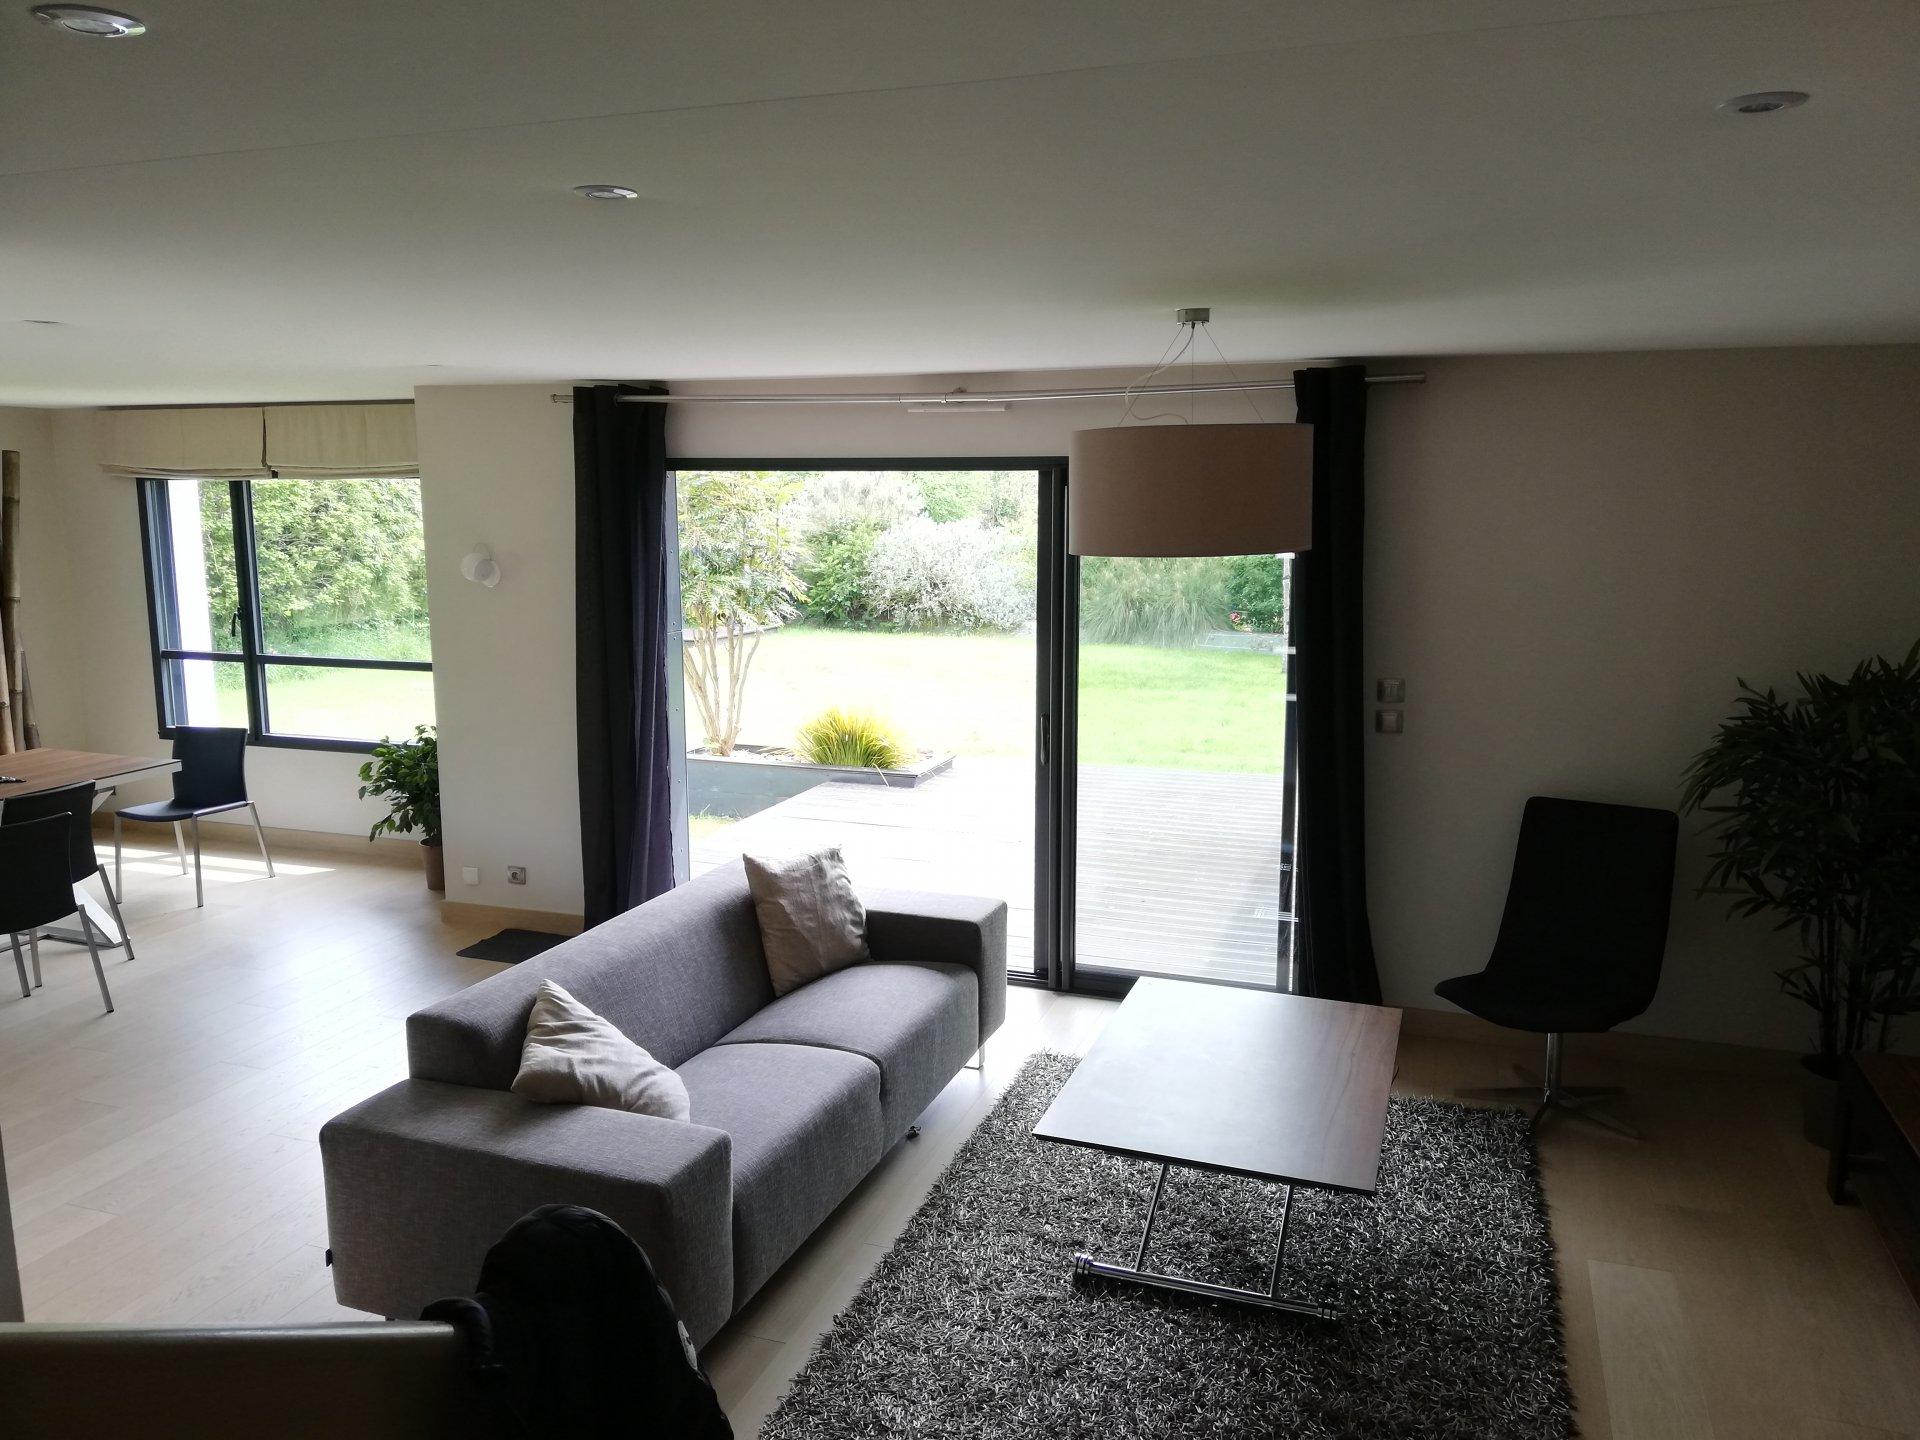 A vendre superbe maison d'architecte dans la vallée verte